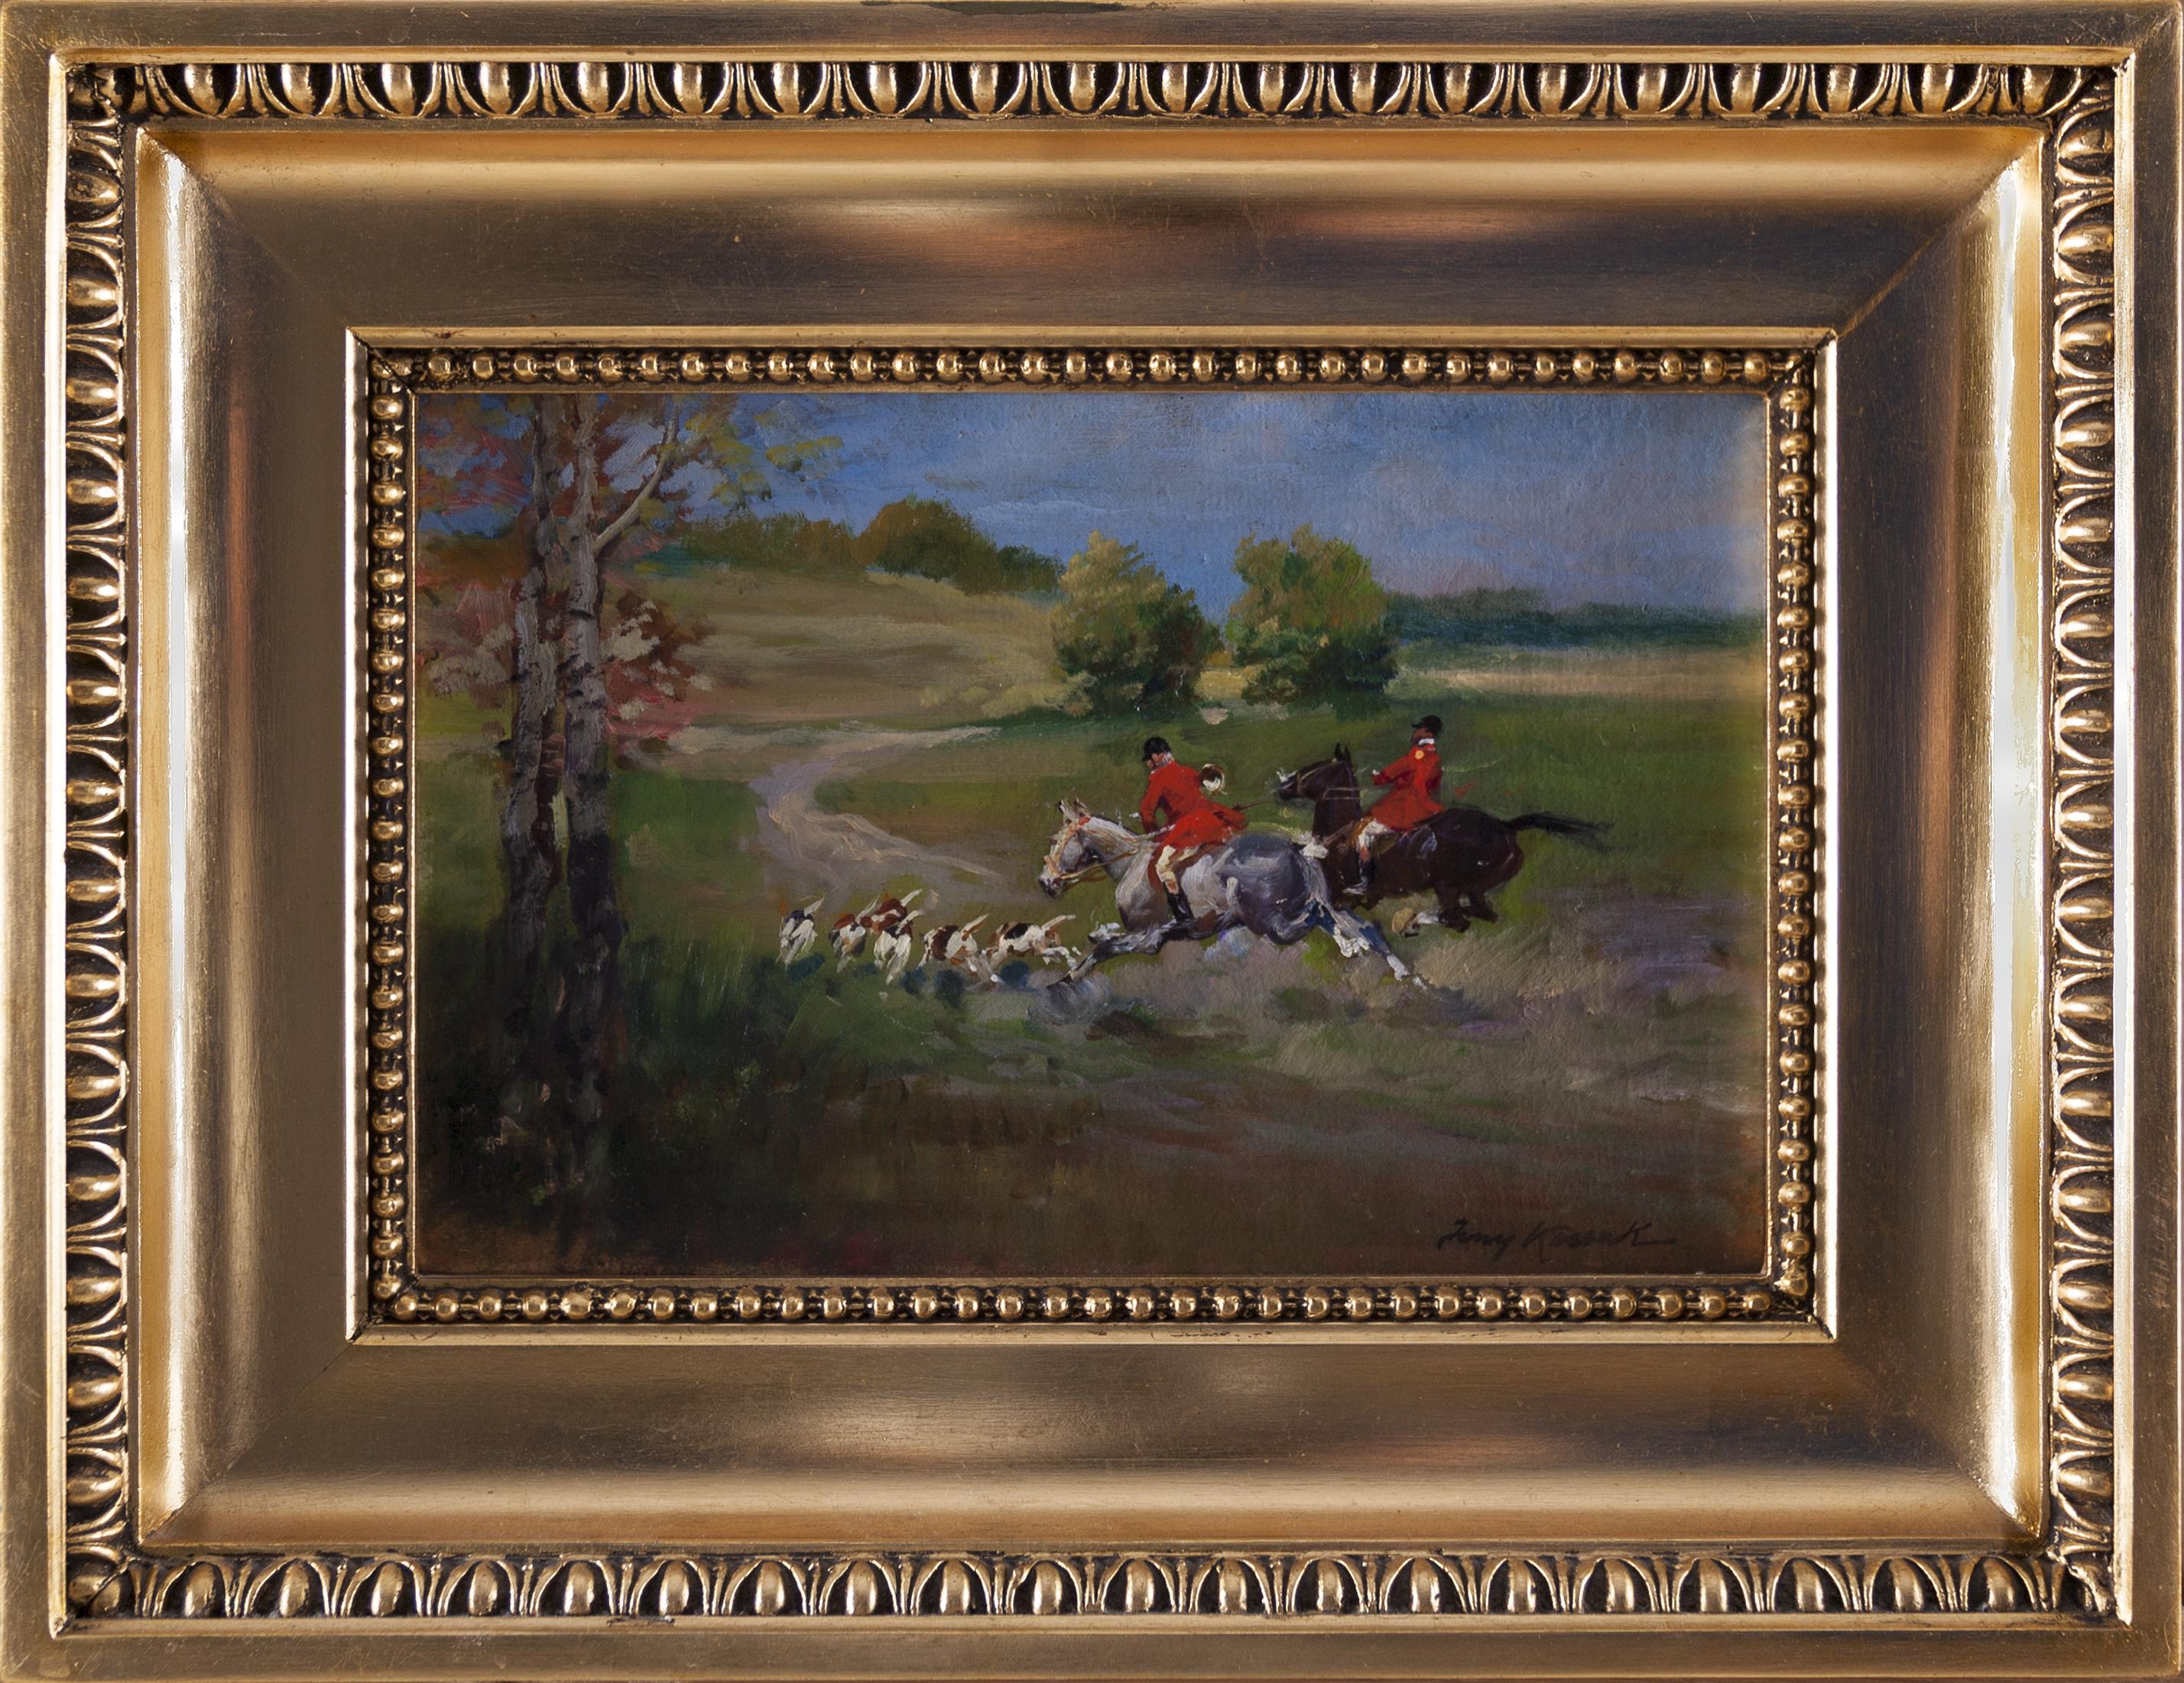 Kossak Jerzy (1886-1955), Polowanie par force